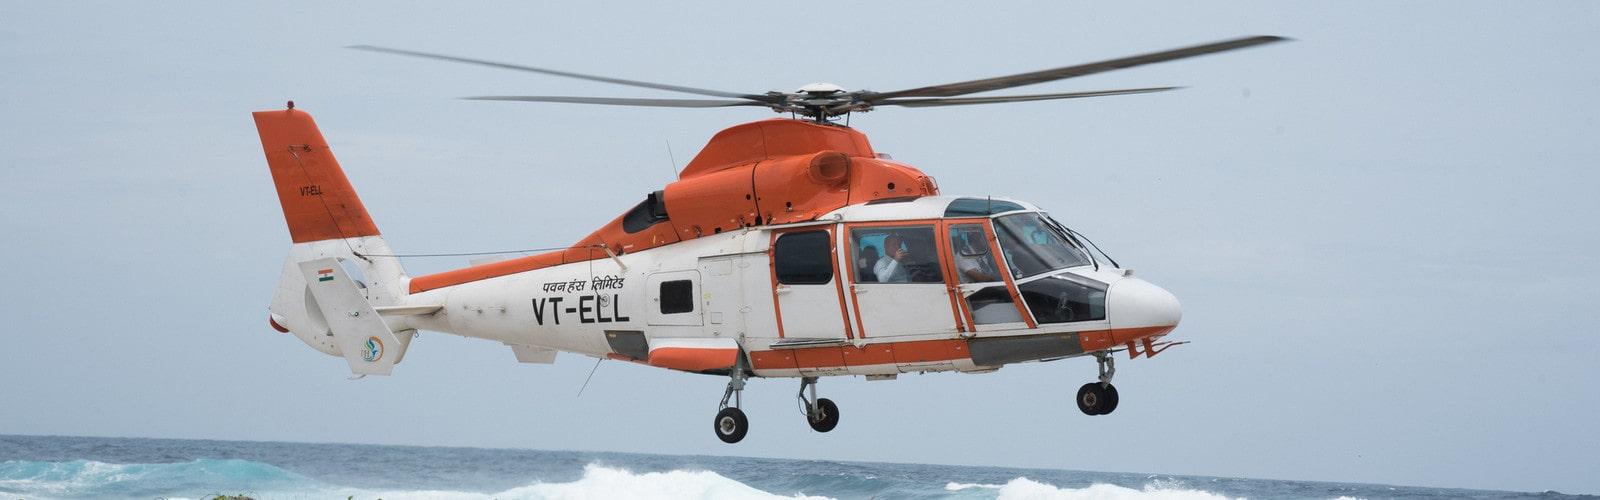 Helicopter Landing at Kavaratti Helipad